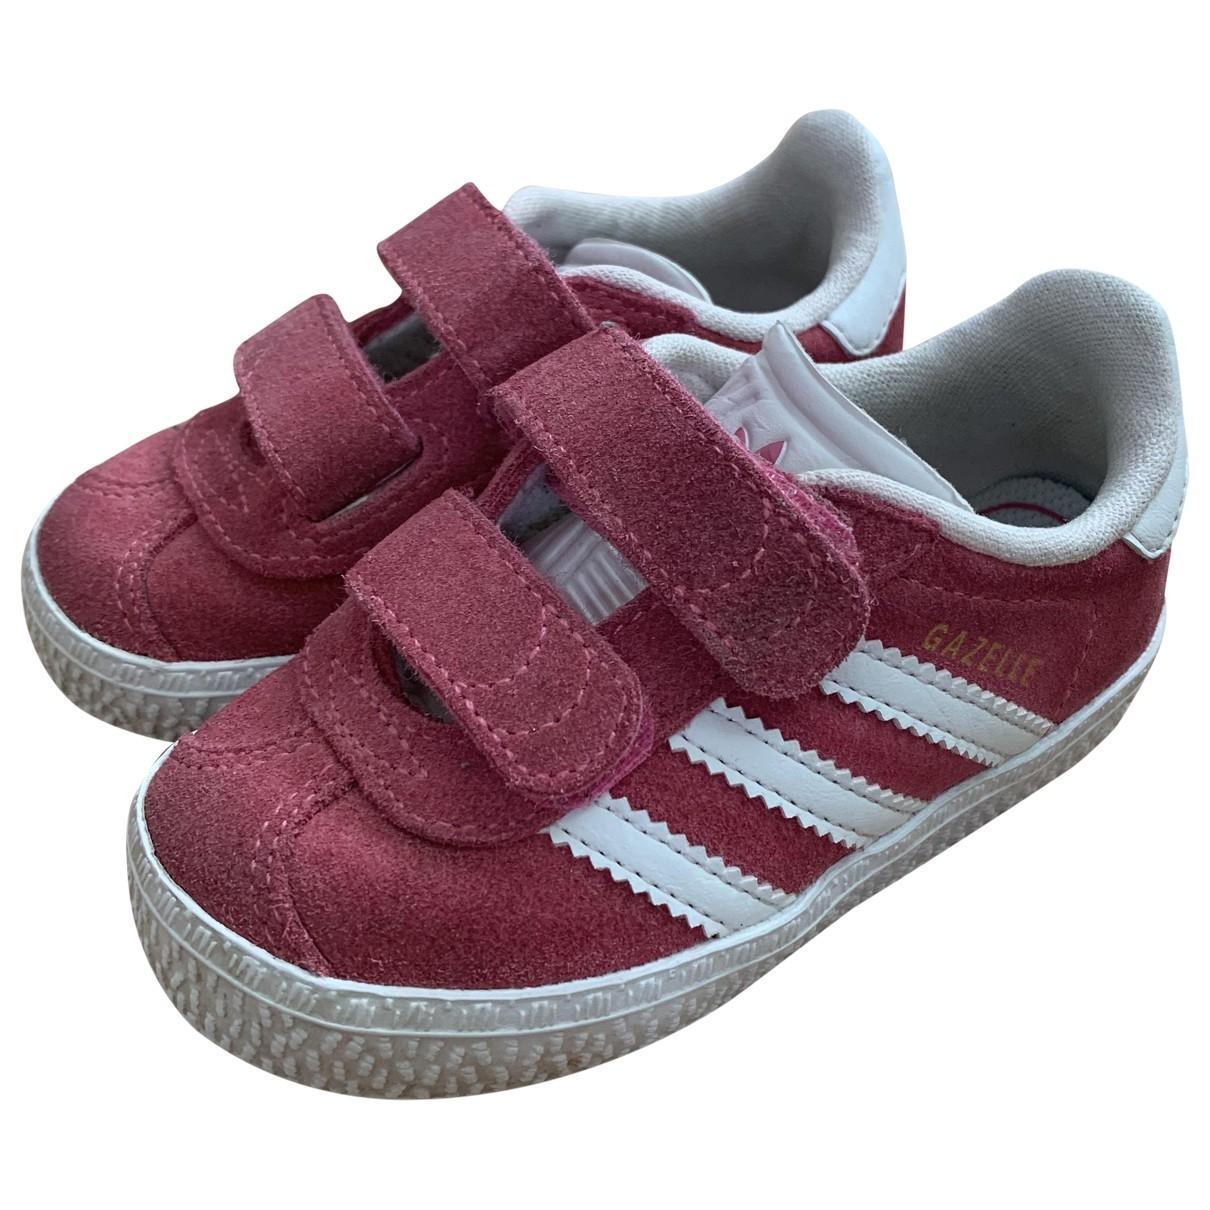 Adidas - Baskets Gazelle pour enfant en suede - rose